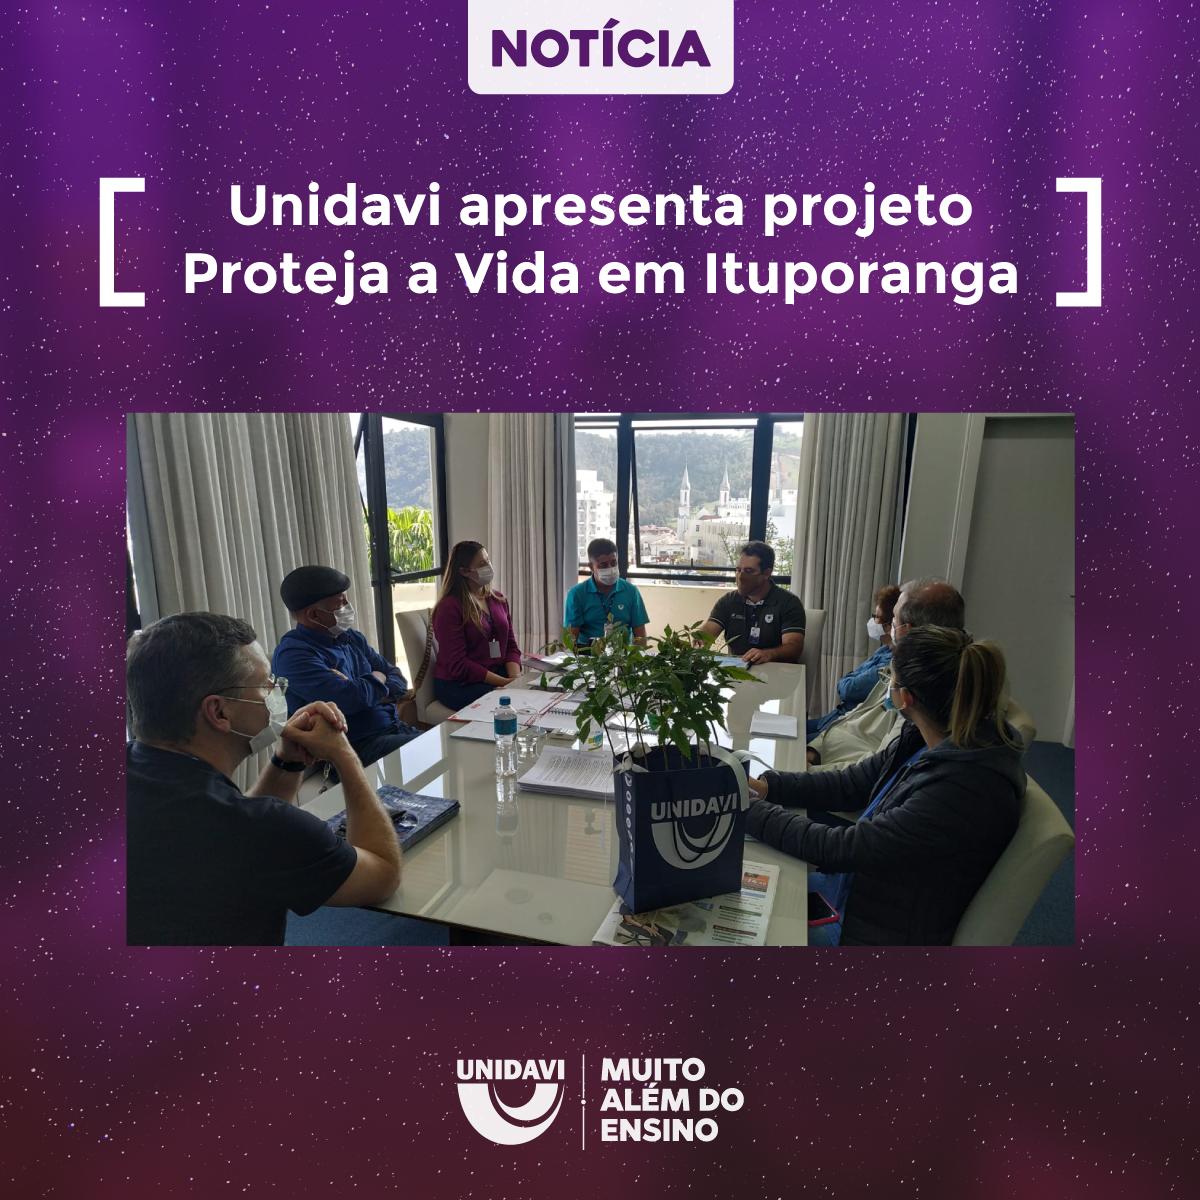 Unidavi apresenta projeto Proteja a Vida em Ituporanga